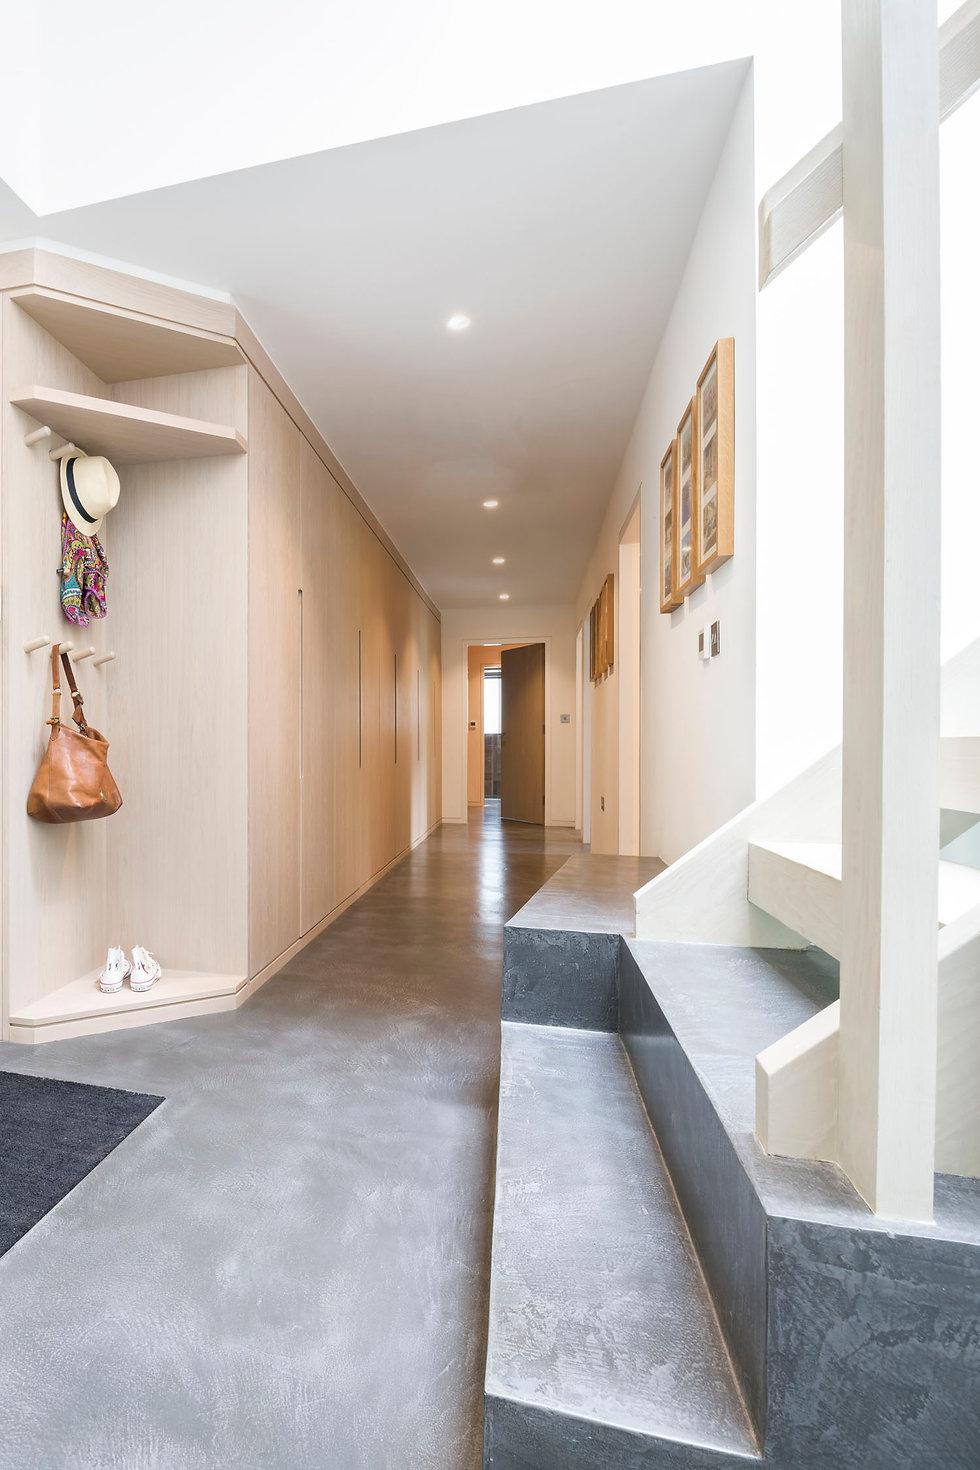 KAST Architects - Sylvania - Concrete staircase detail